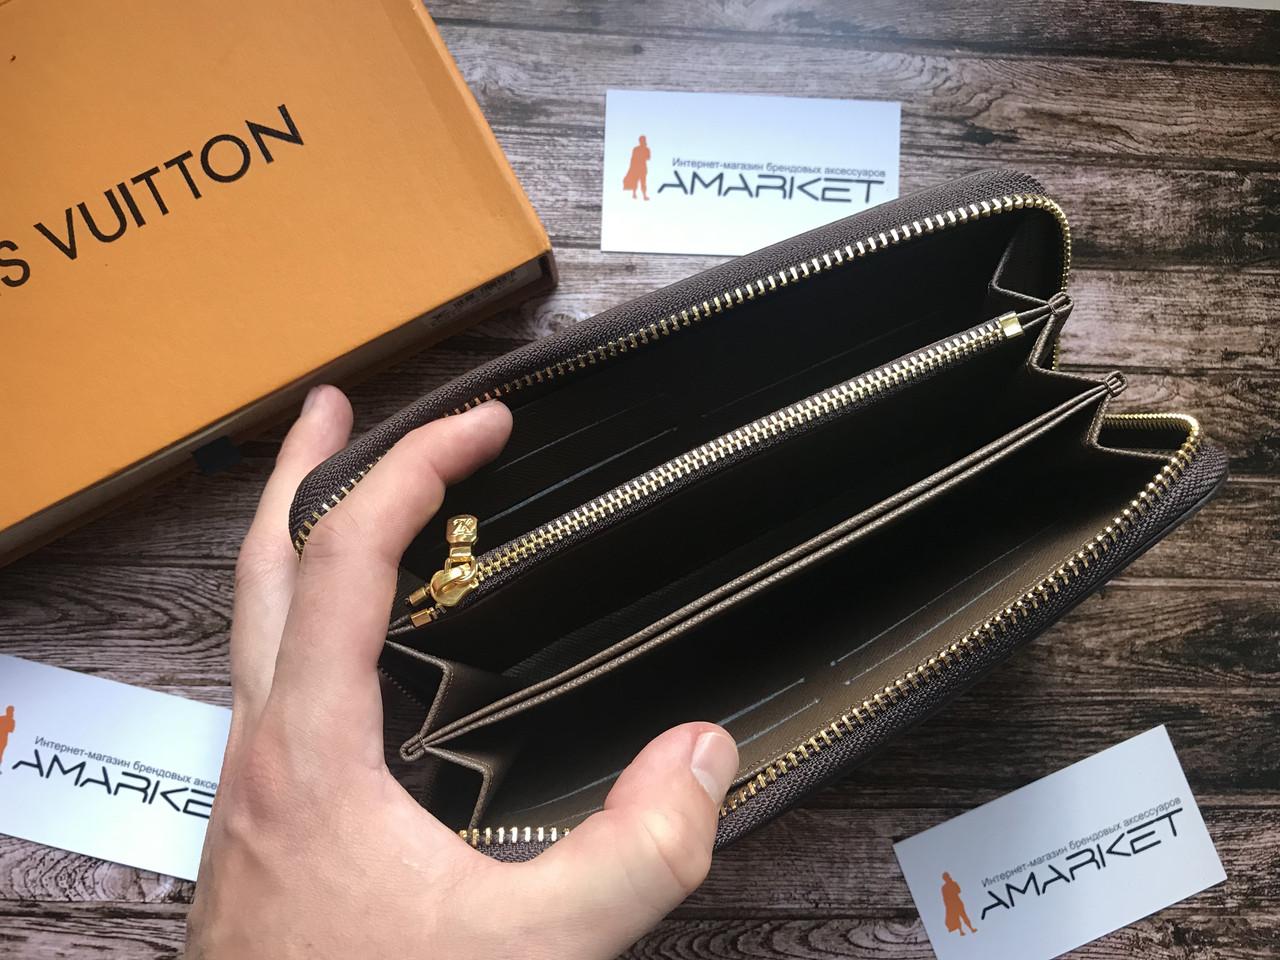 cfb22afdcf00 ... Кошелек клатч портмоне бумажник коричневый мужской женский Louis Vuitton  Monogram премиум реплика, ...